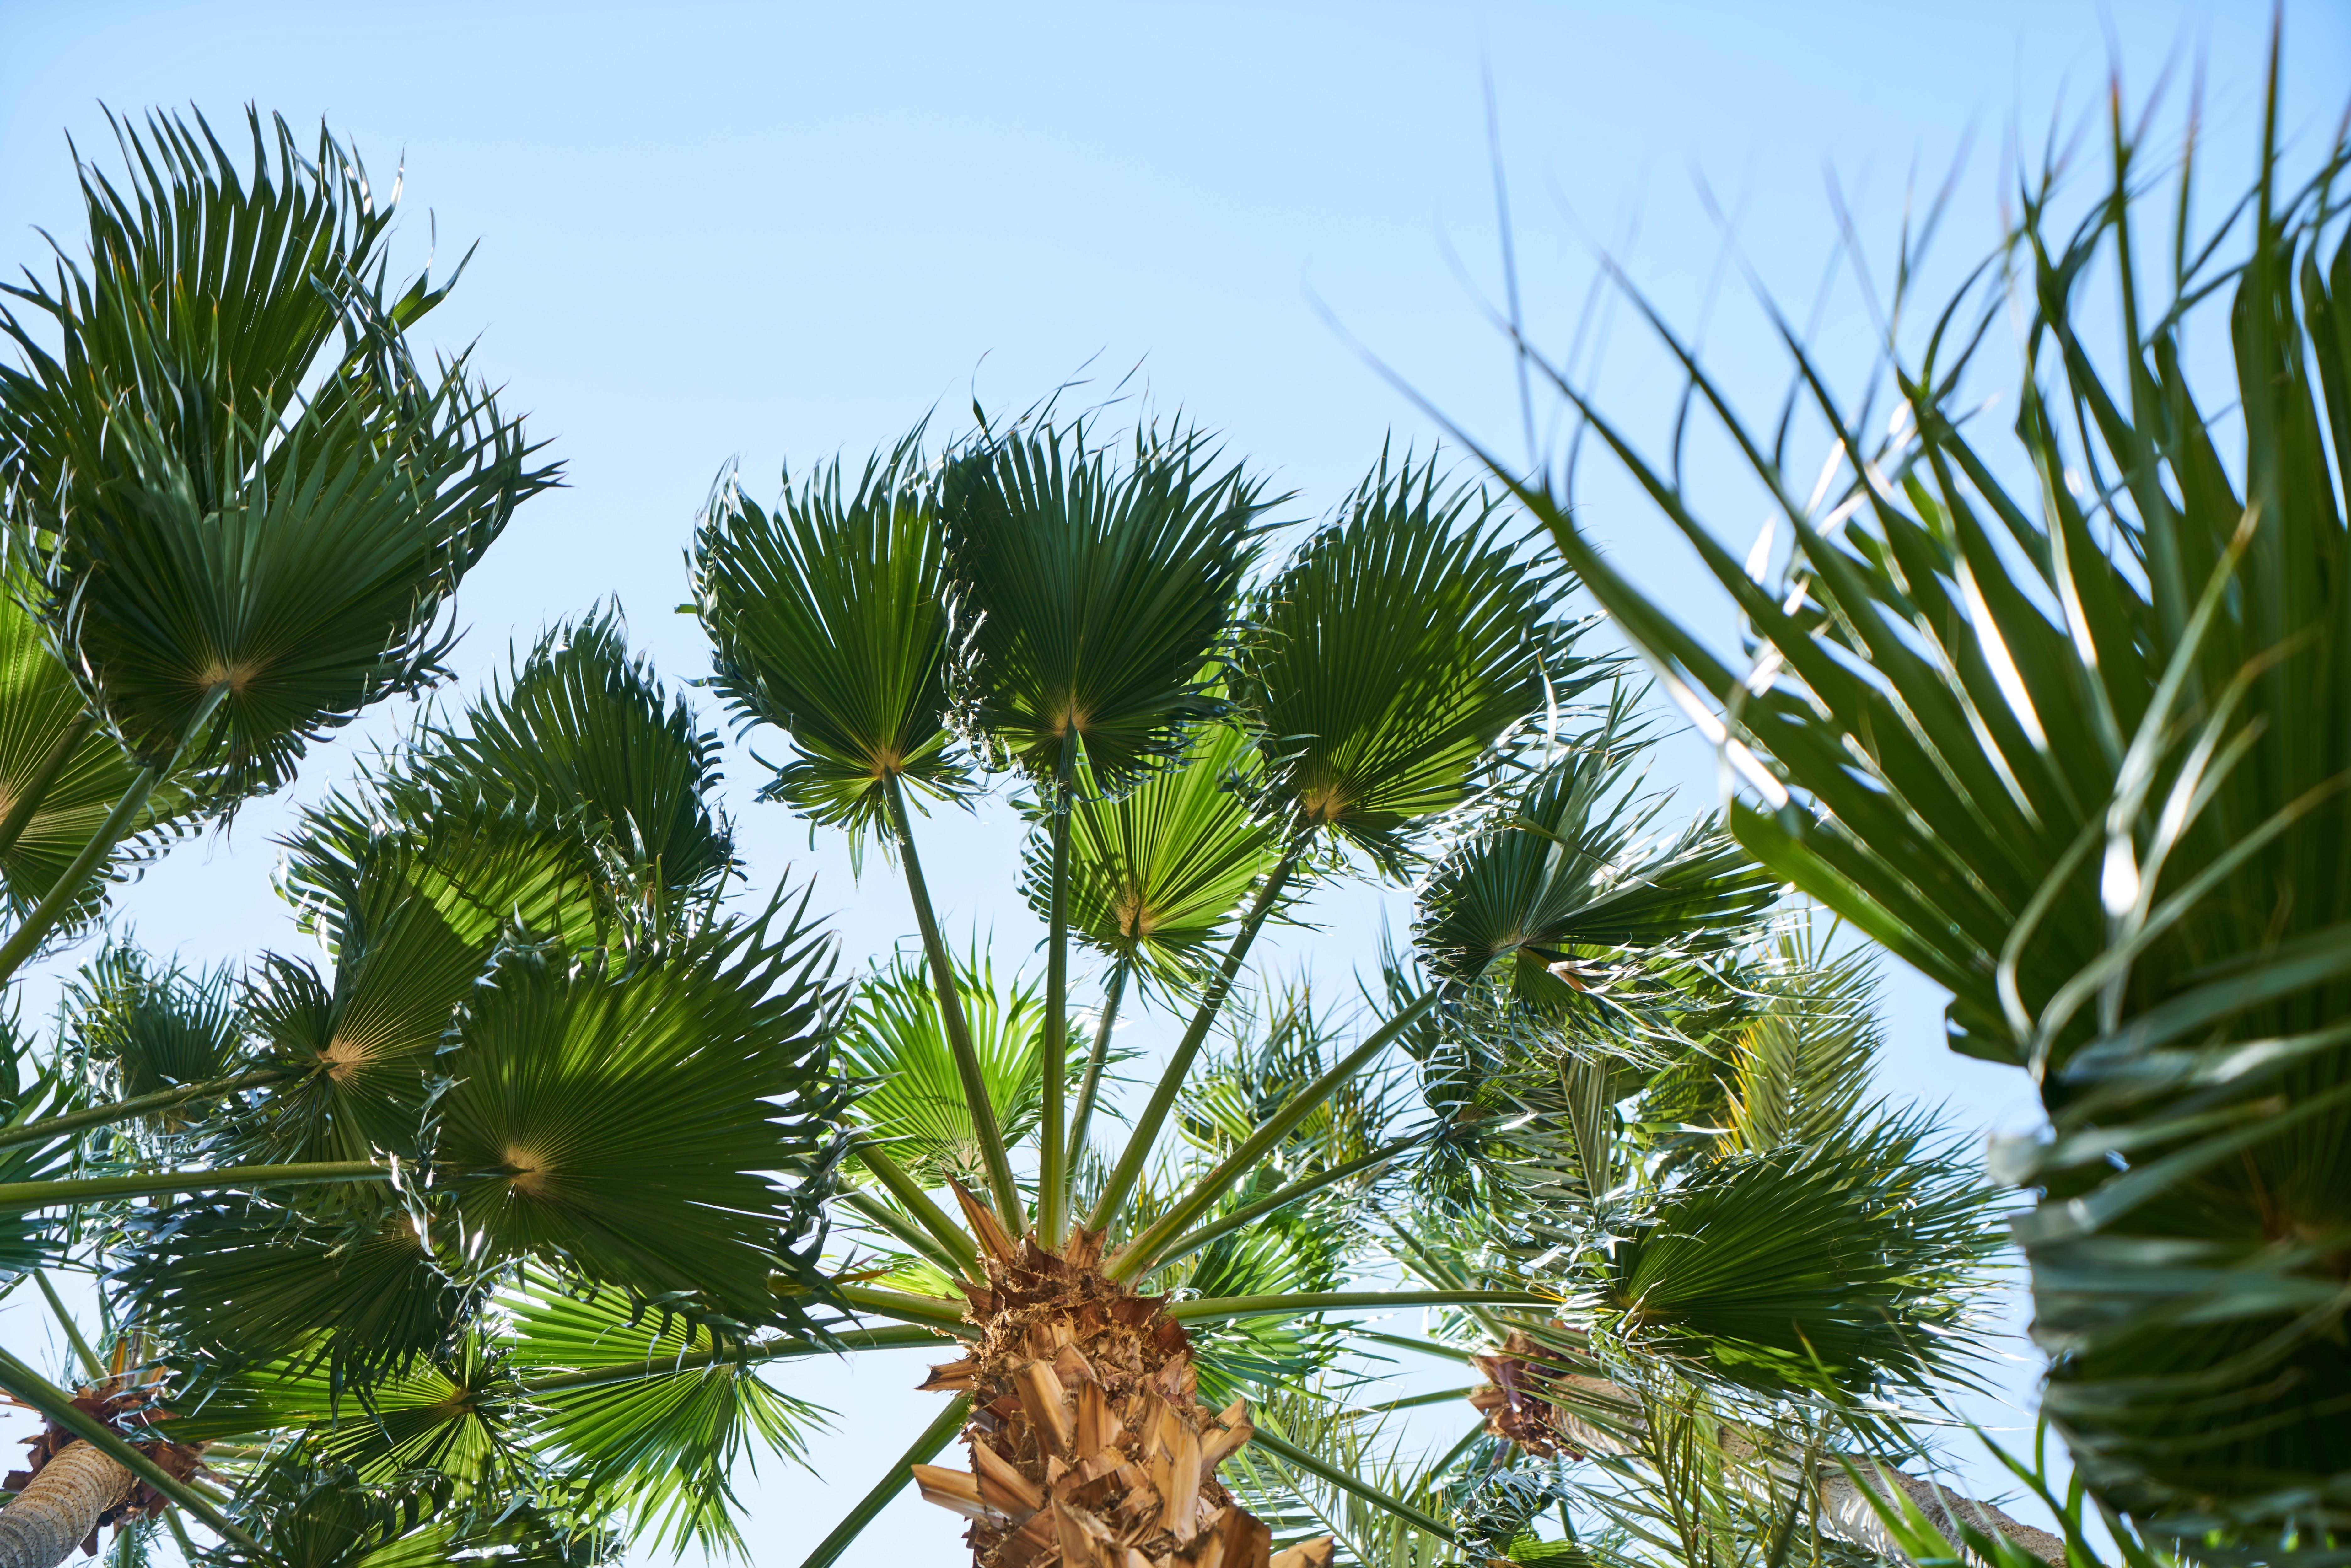 Gratis lagerfoto af afslappende, asiatisk palmyra palm, baggrund, blå himmel